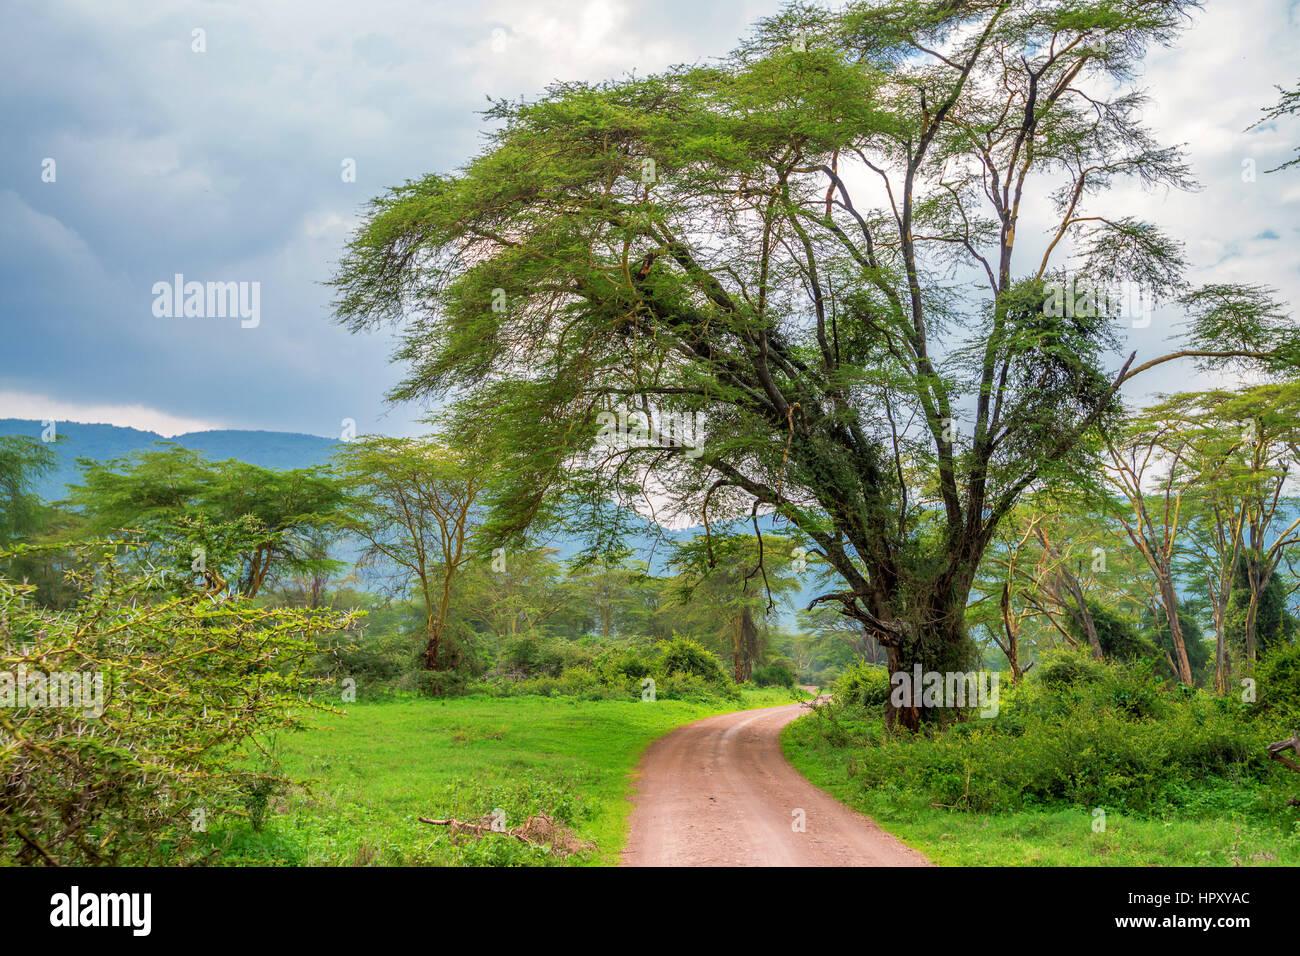 Montaña bosque africano con acacia y exuberantes arbustos en el Parque nacional Ngorongoro, Tanzania Imagen De Stock